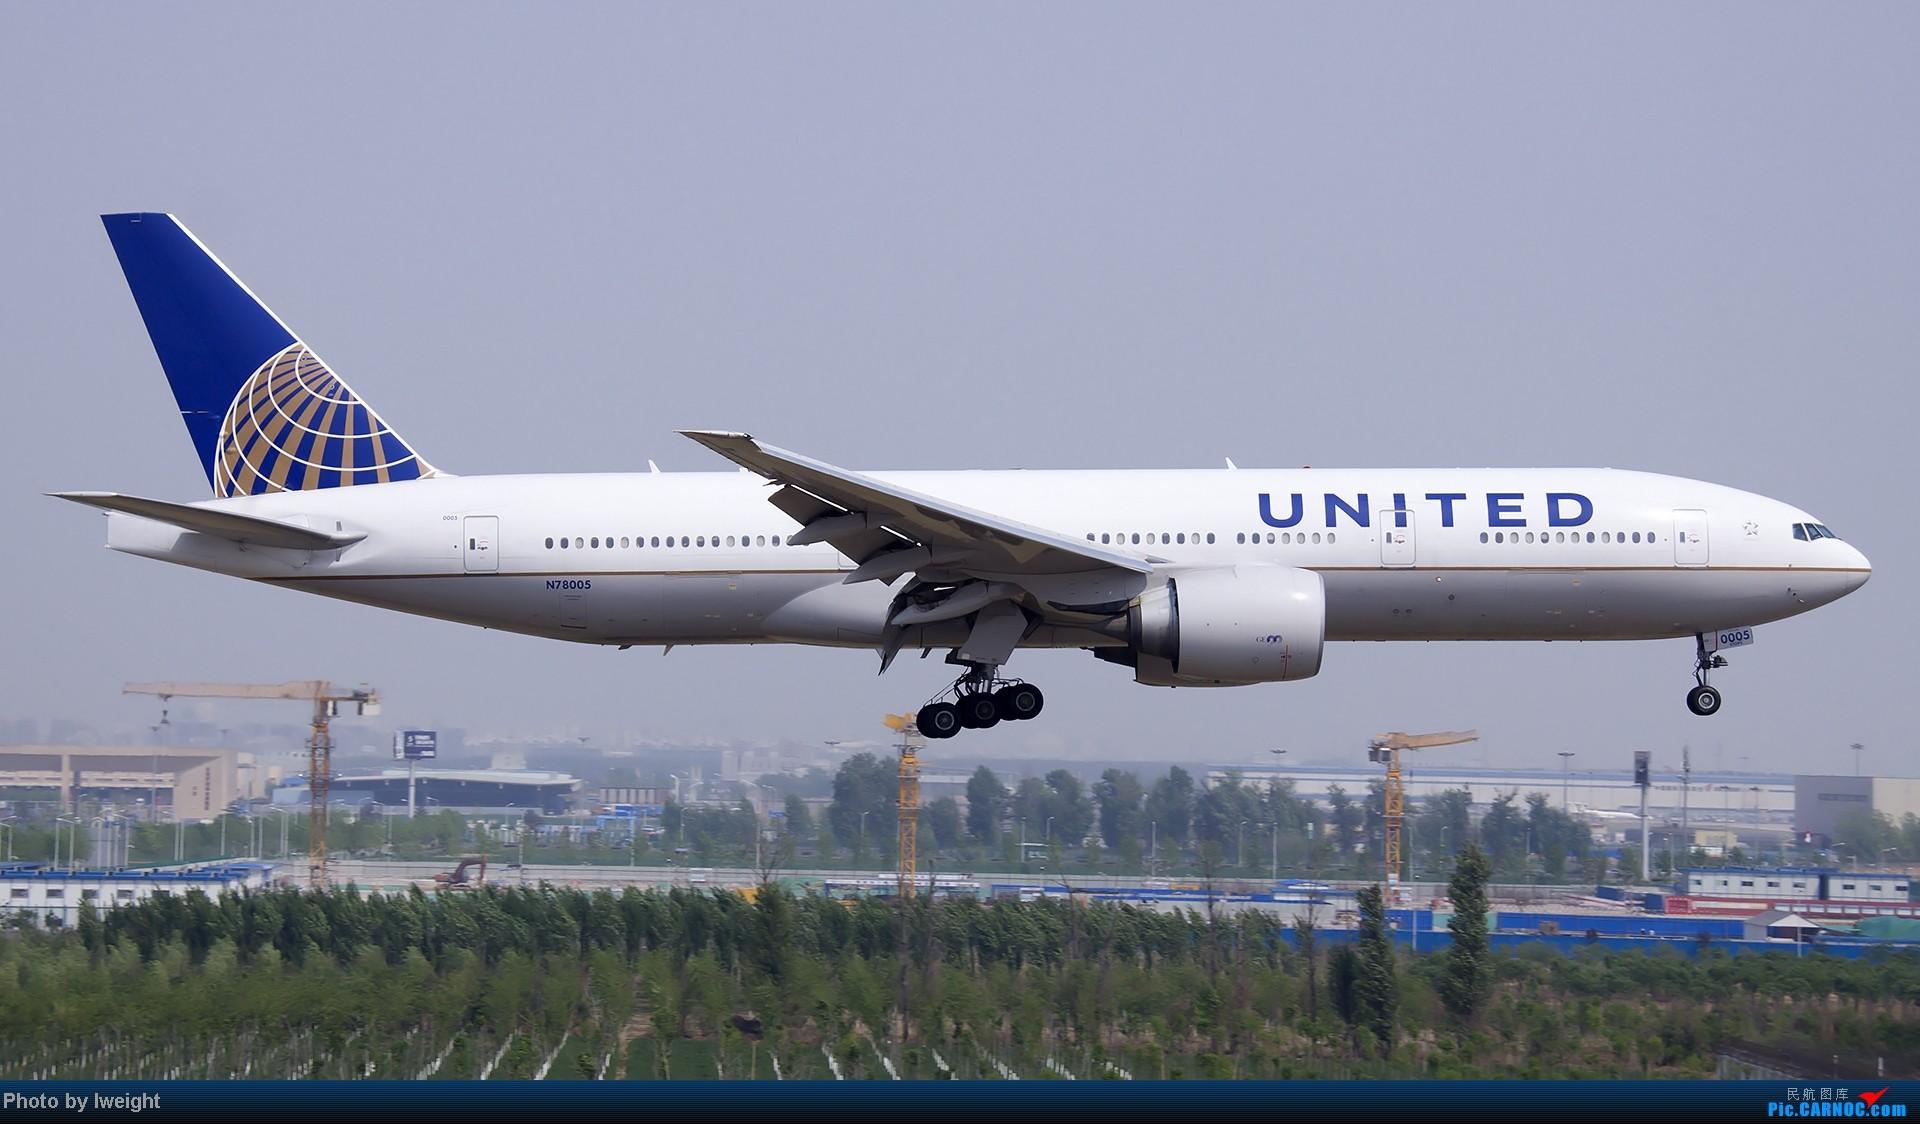 Re:[原创]错过了卡航的巴塞罗那号,只有这些大路货了,泪奔啊 BOEING 777-200 N78005 中国北京首都机场